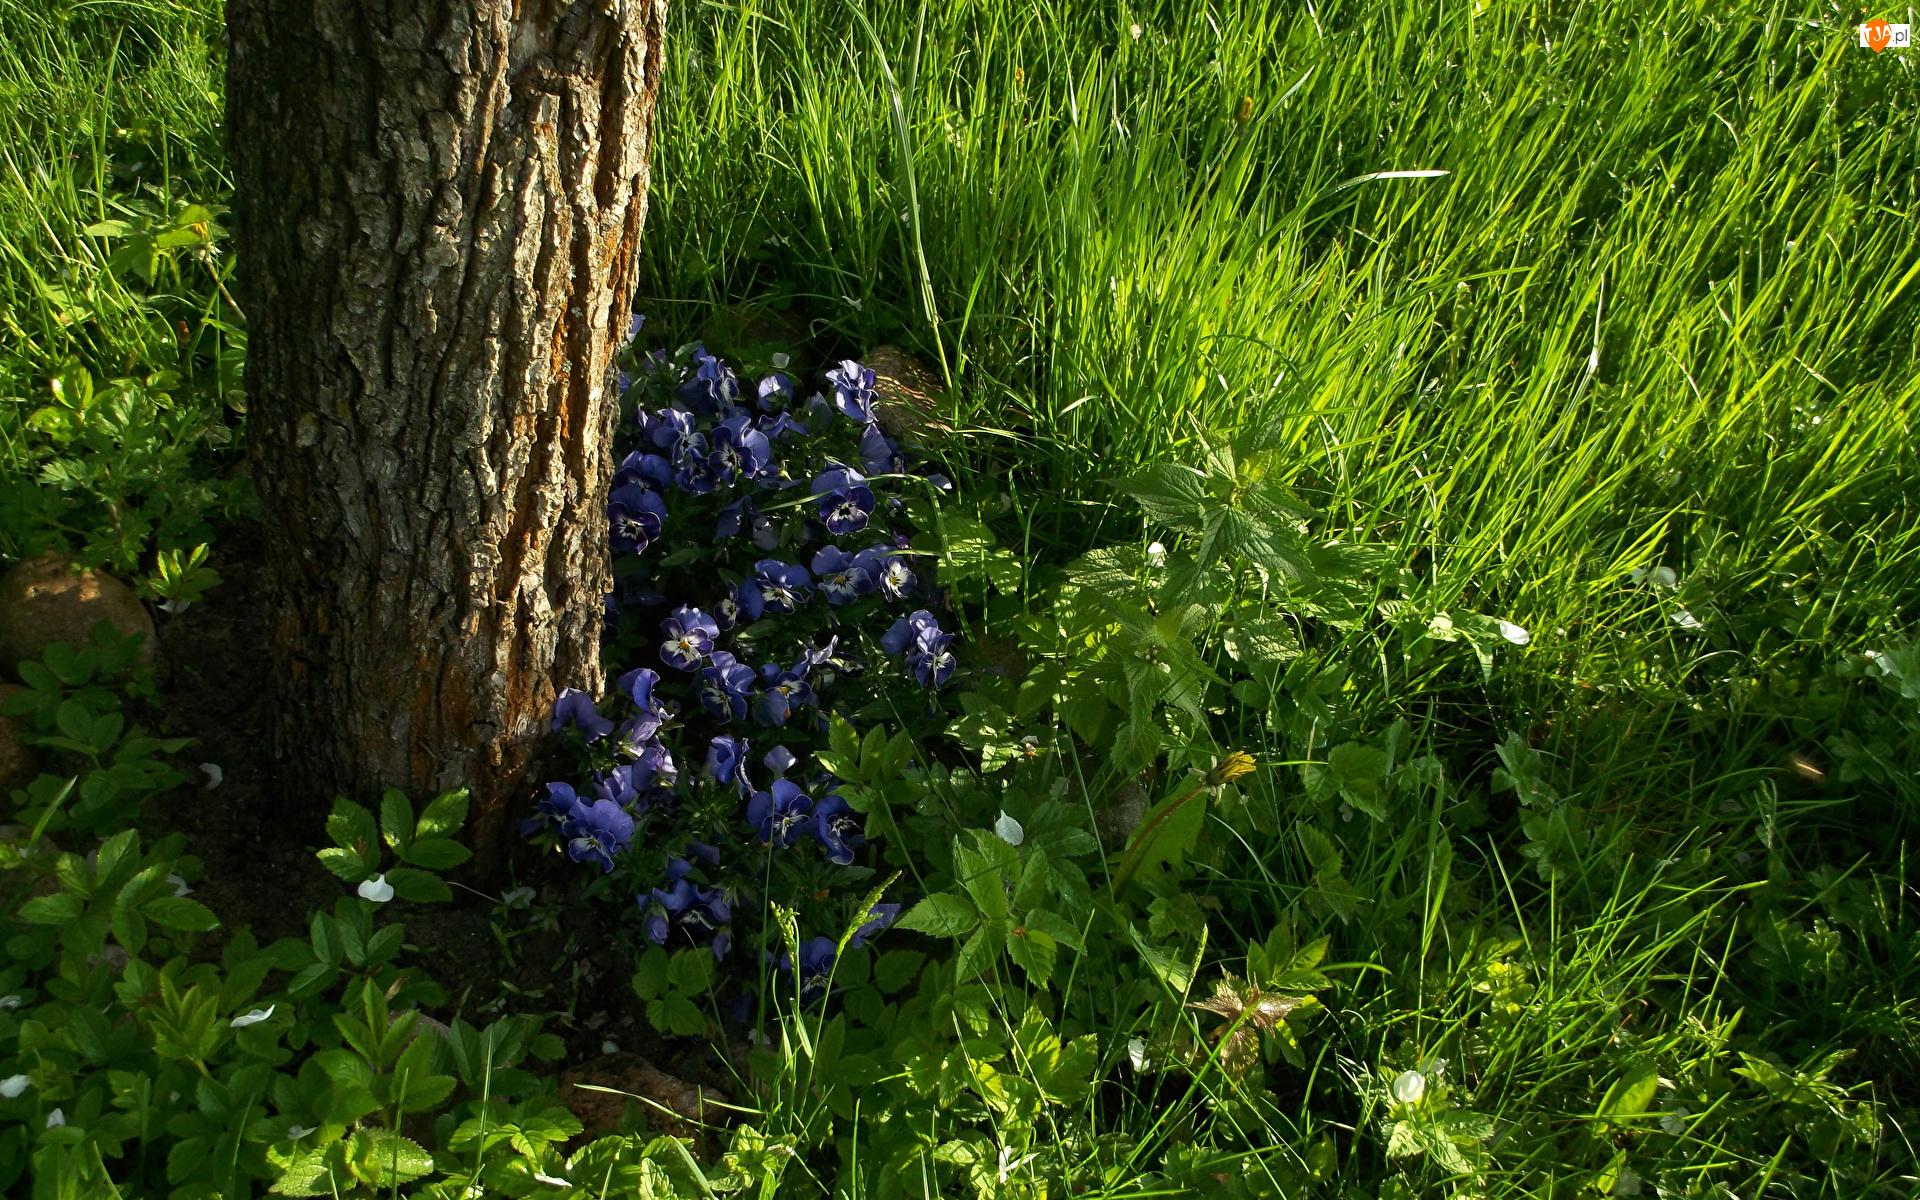 Pień, Trawa, Fiołki trójbarwne, Kwiaty, Drzewo